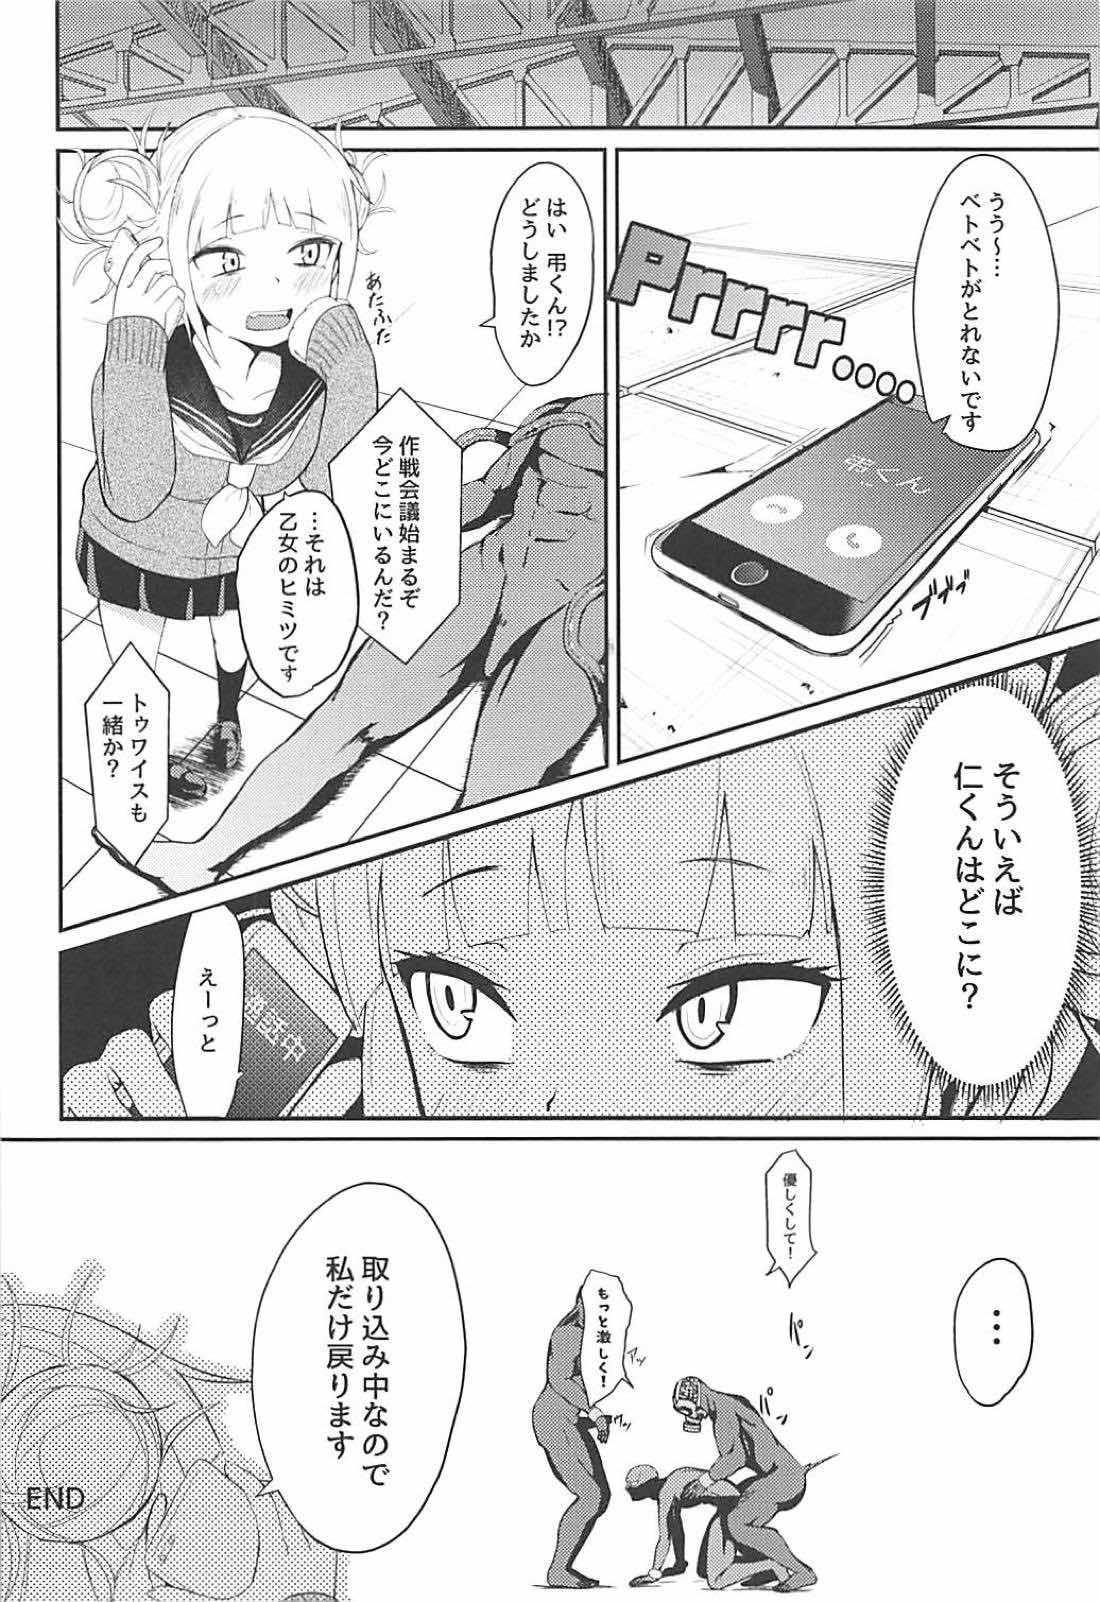 Toga Himiko no Chiuchiu Academia 18